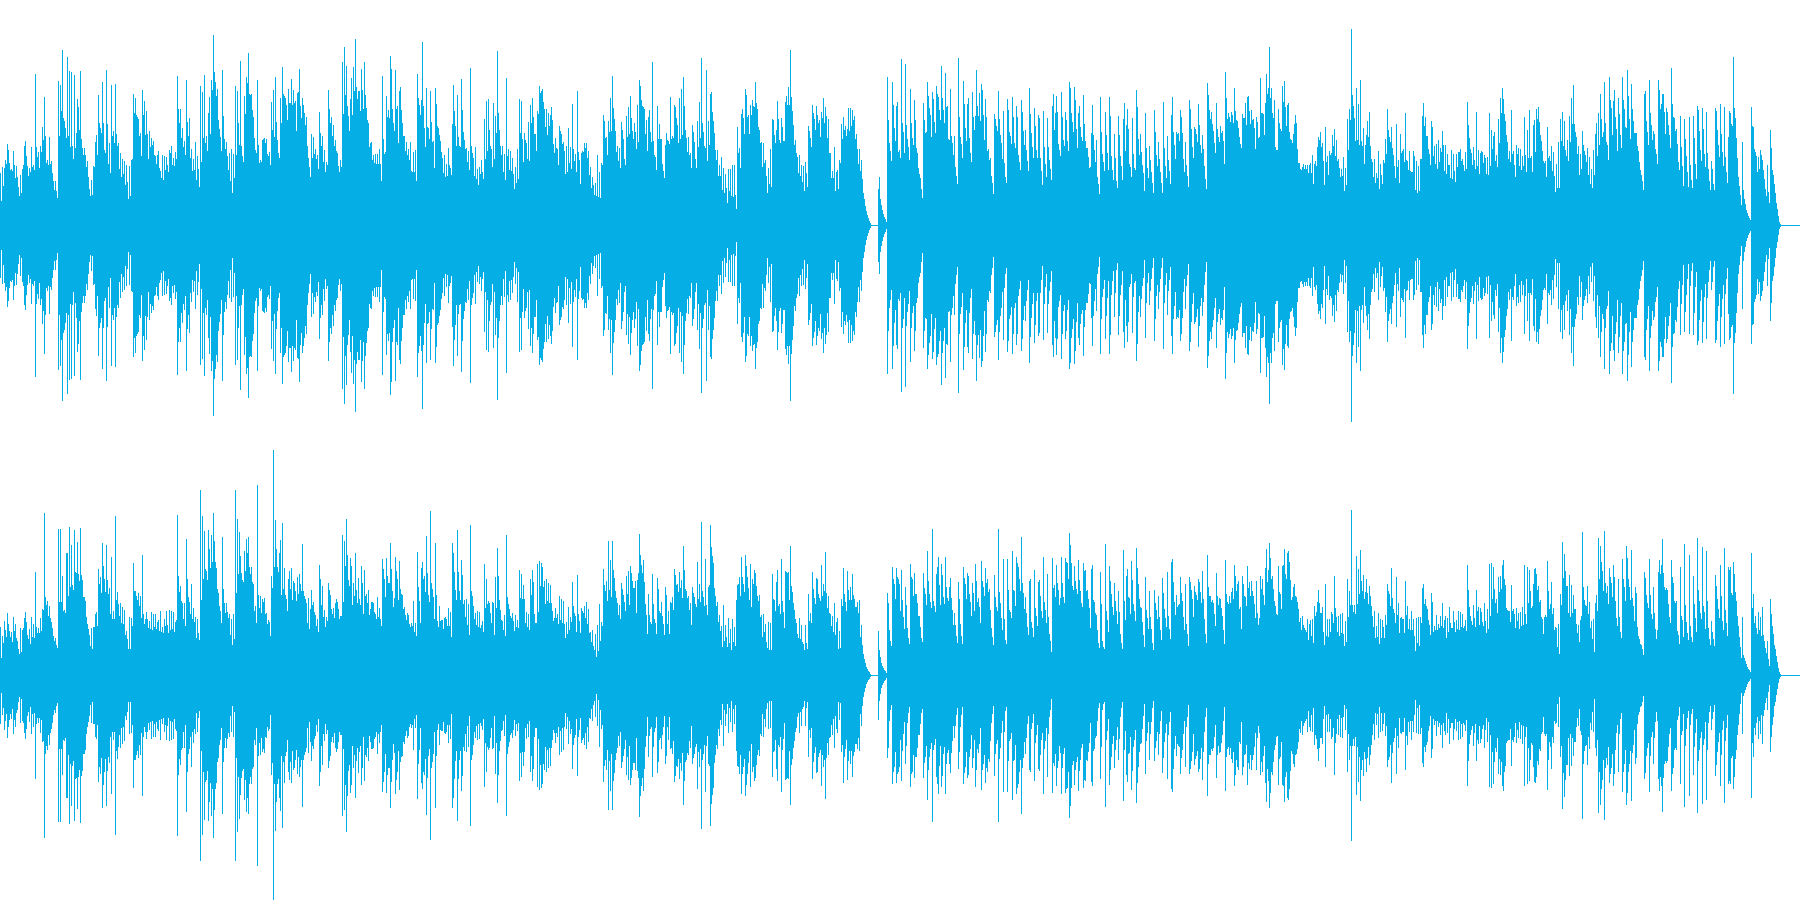 ドビュッシー 「夢」 (オルゴール)の再生済みの波形